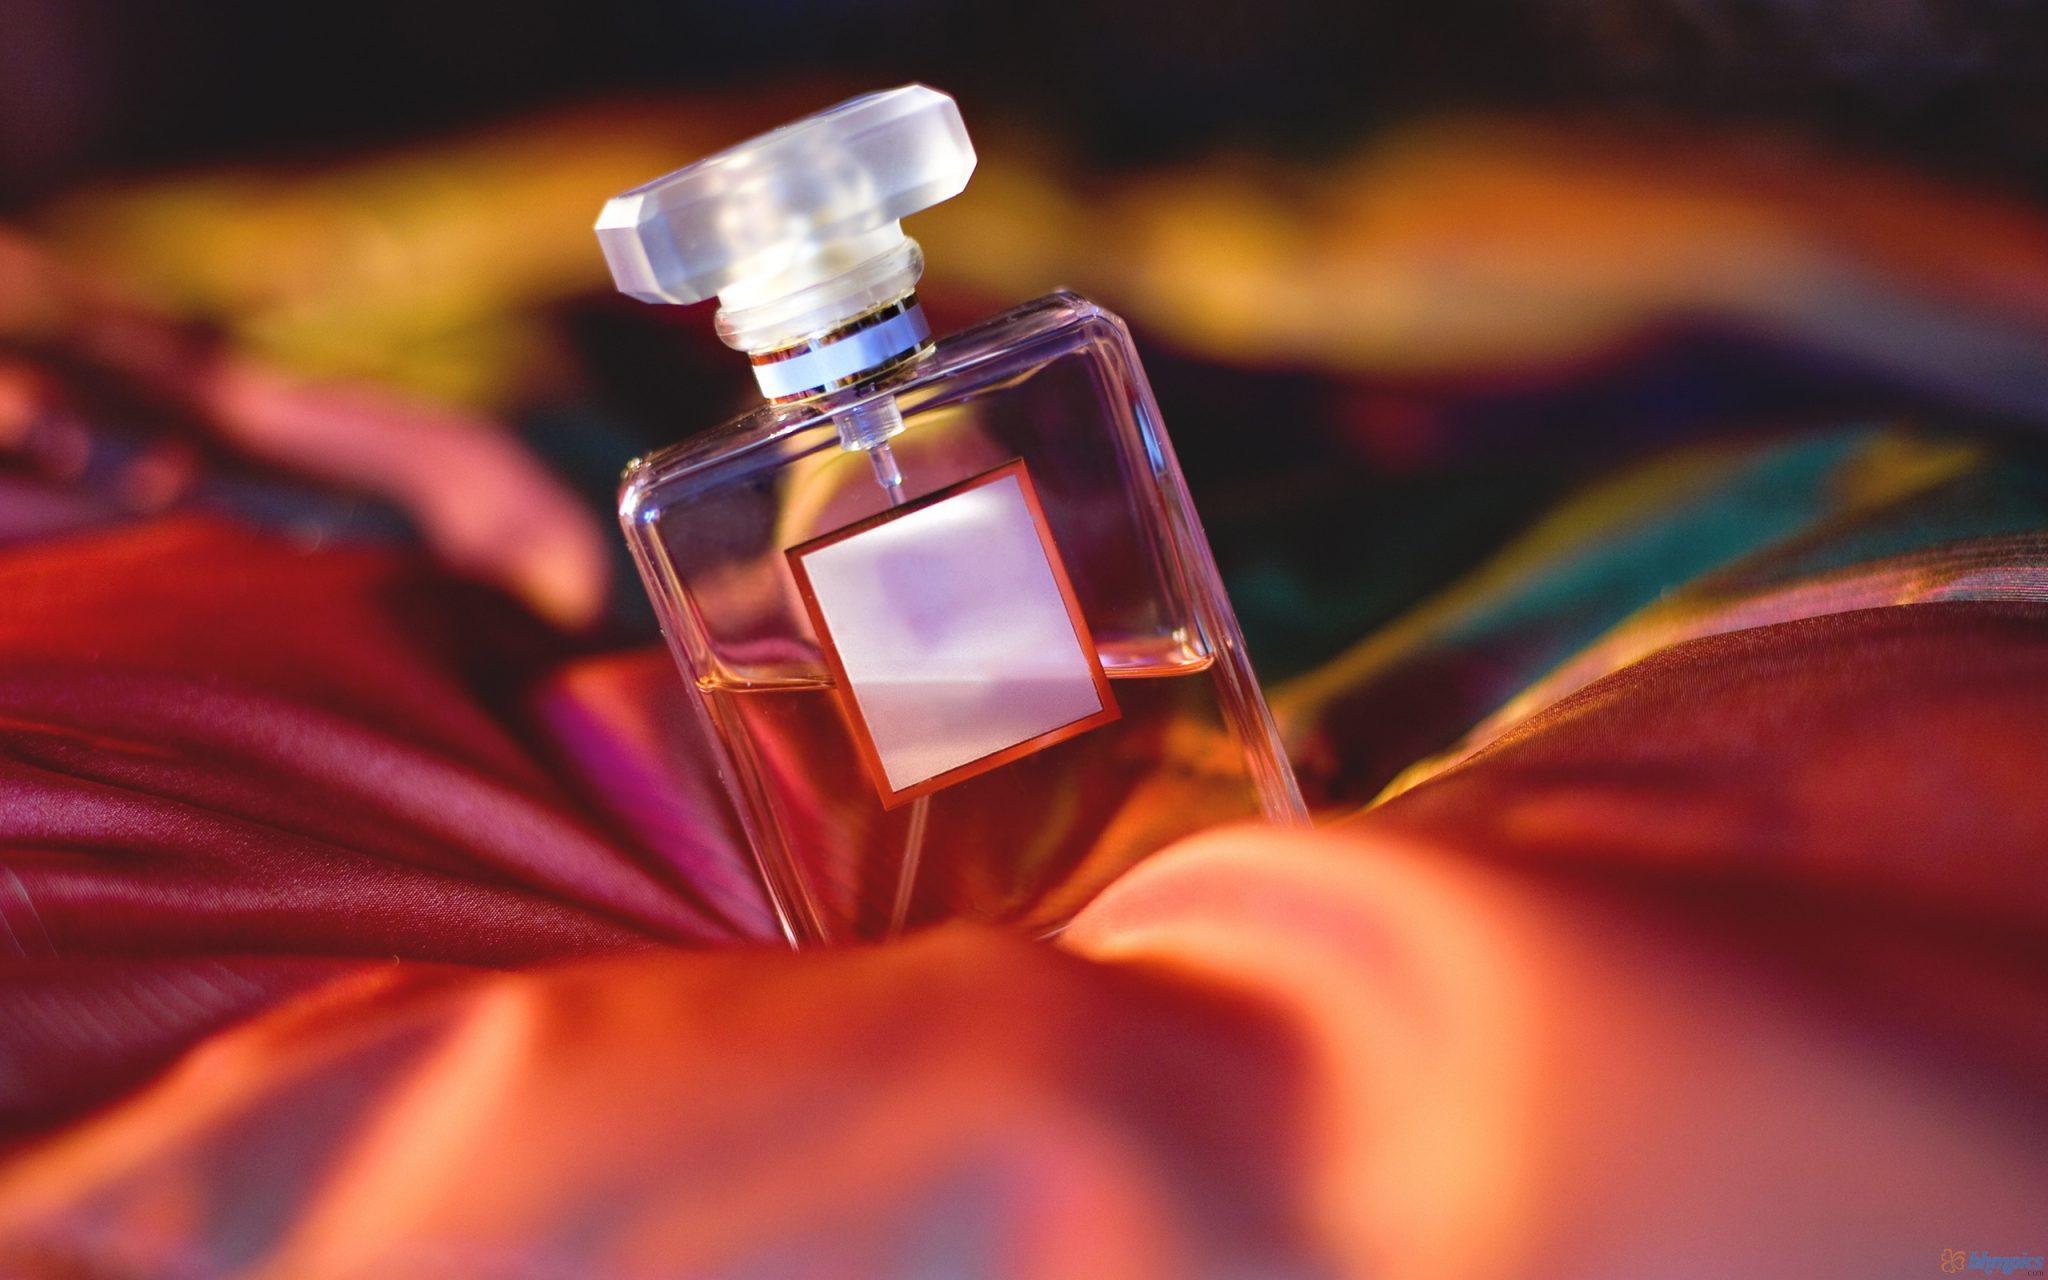 اصول تشخیص عطر و ادکلن اصل-درست مصرف کنیم - آموزش همگانی - آگاهی مصرف